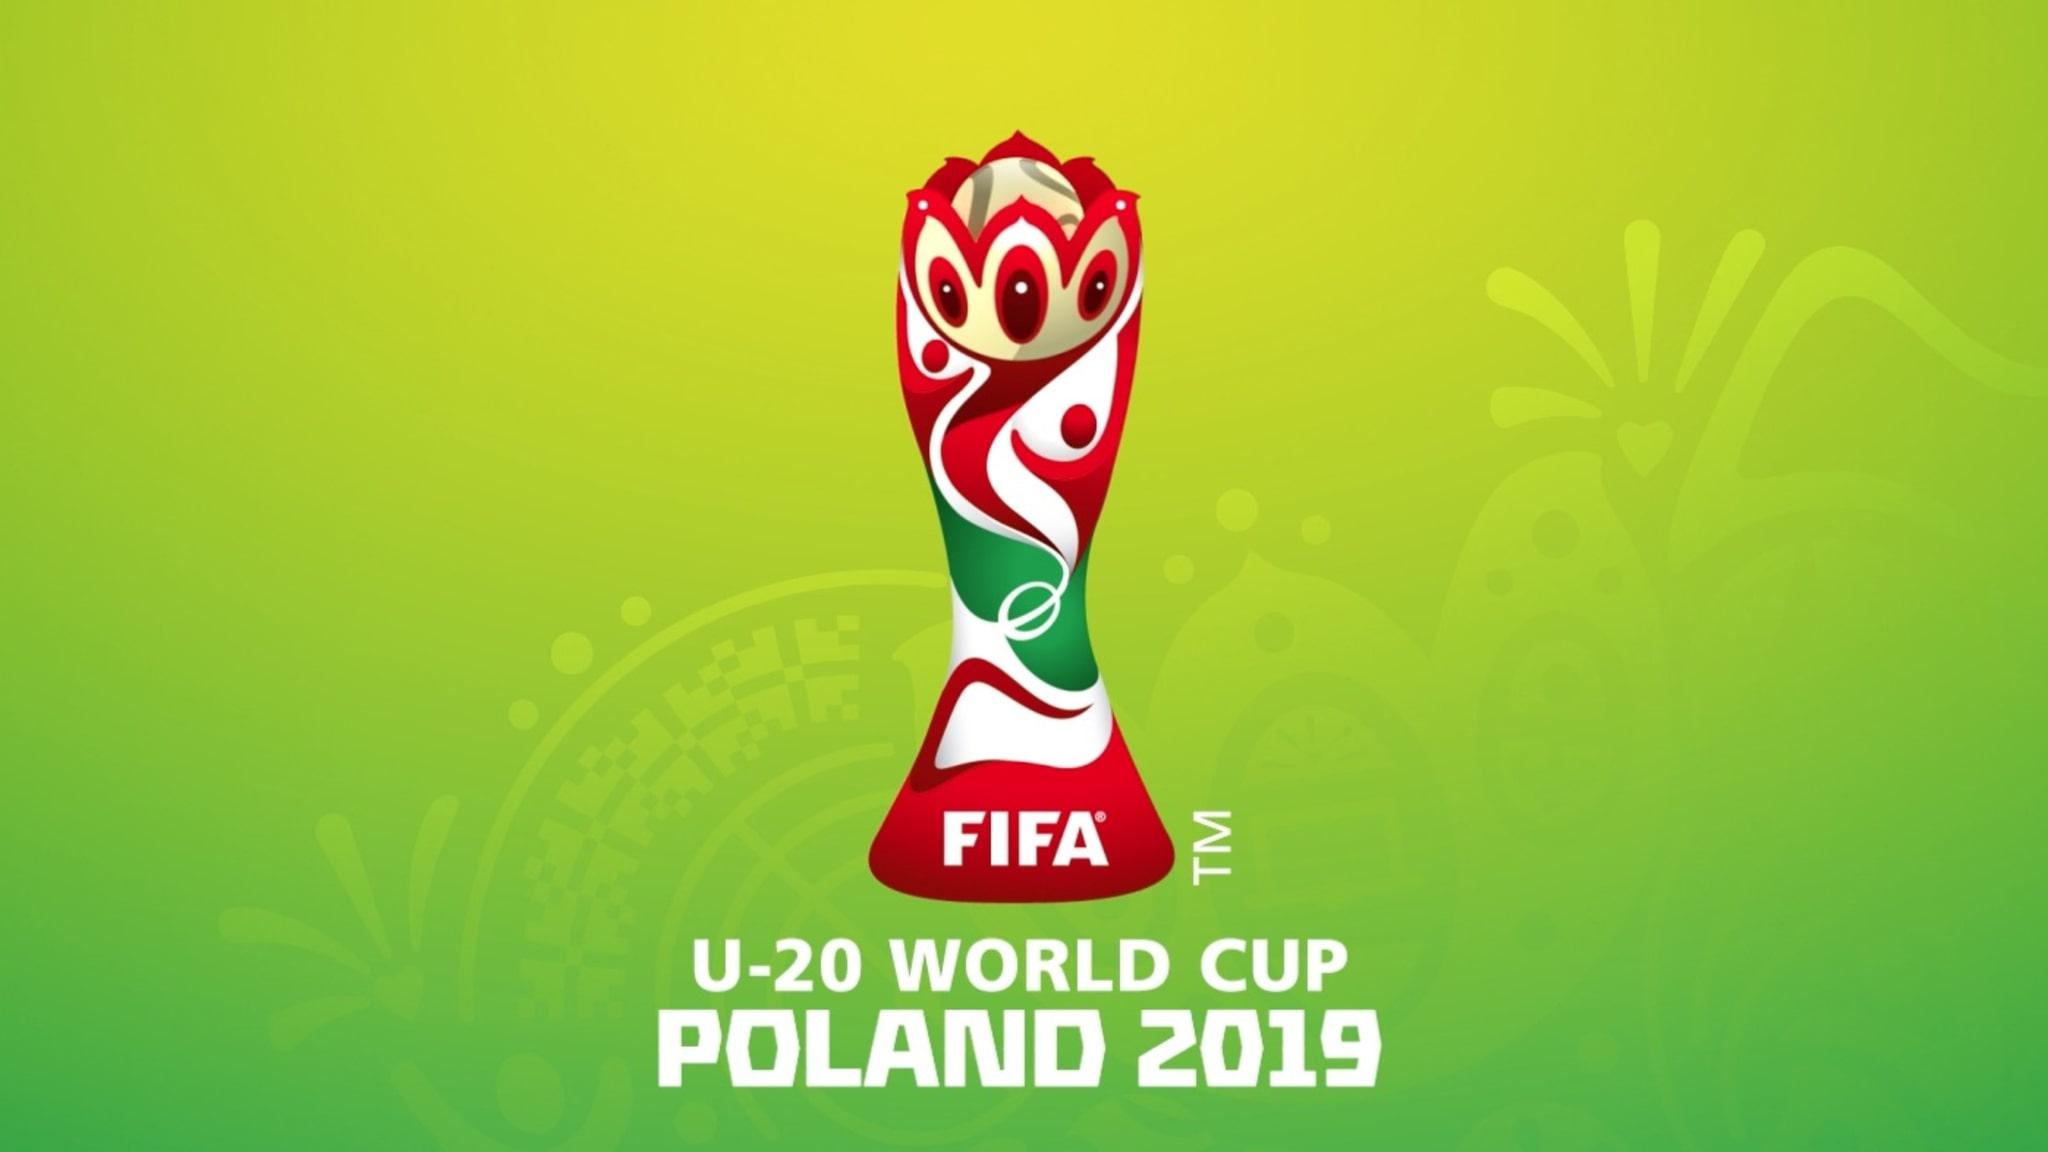 Mundial Sub 20 U-20 World Cup Poland 2019